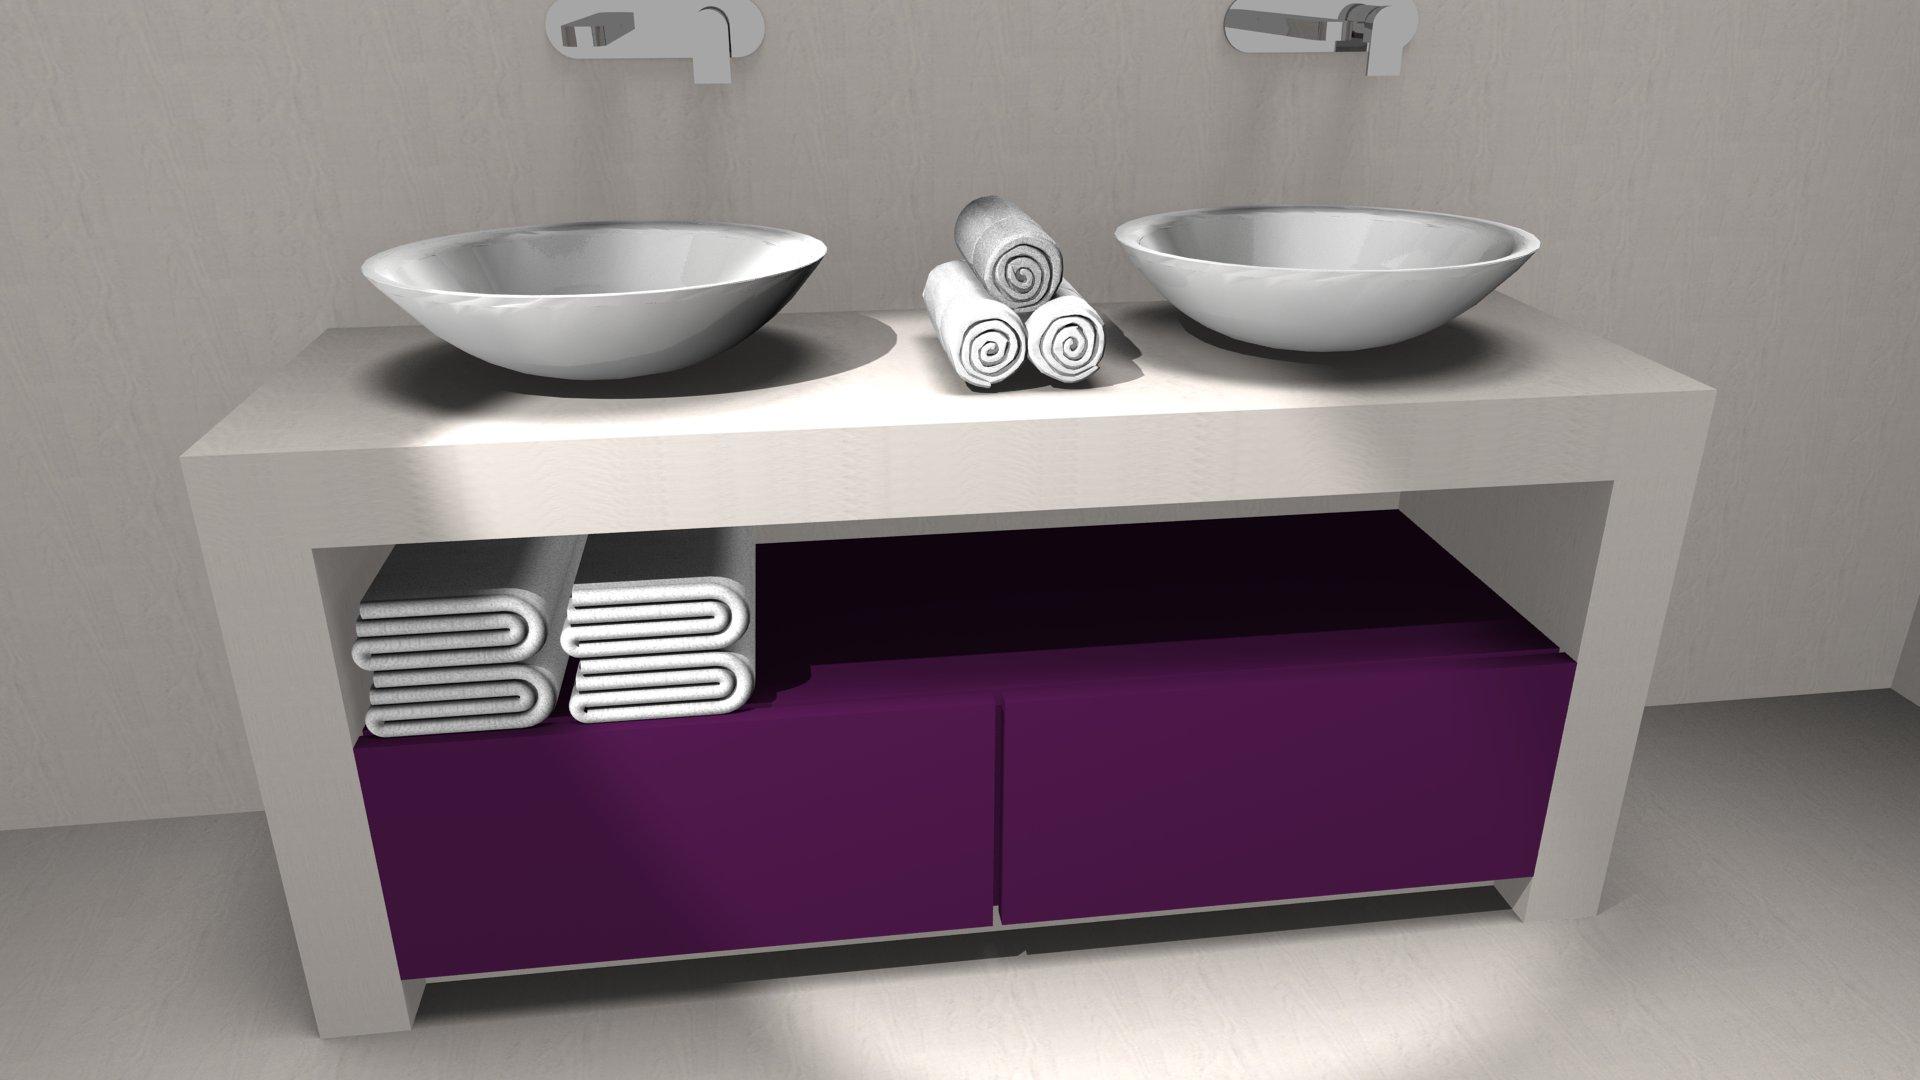 Mobili e accessori per l 39 arredobagno verona - Piano d appoggio per lavabo ...